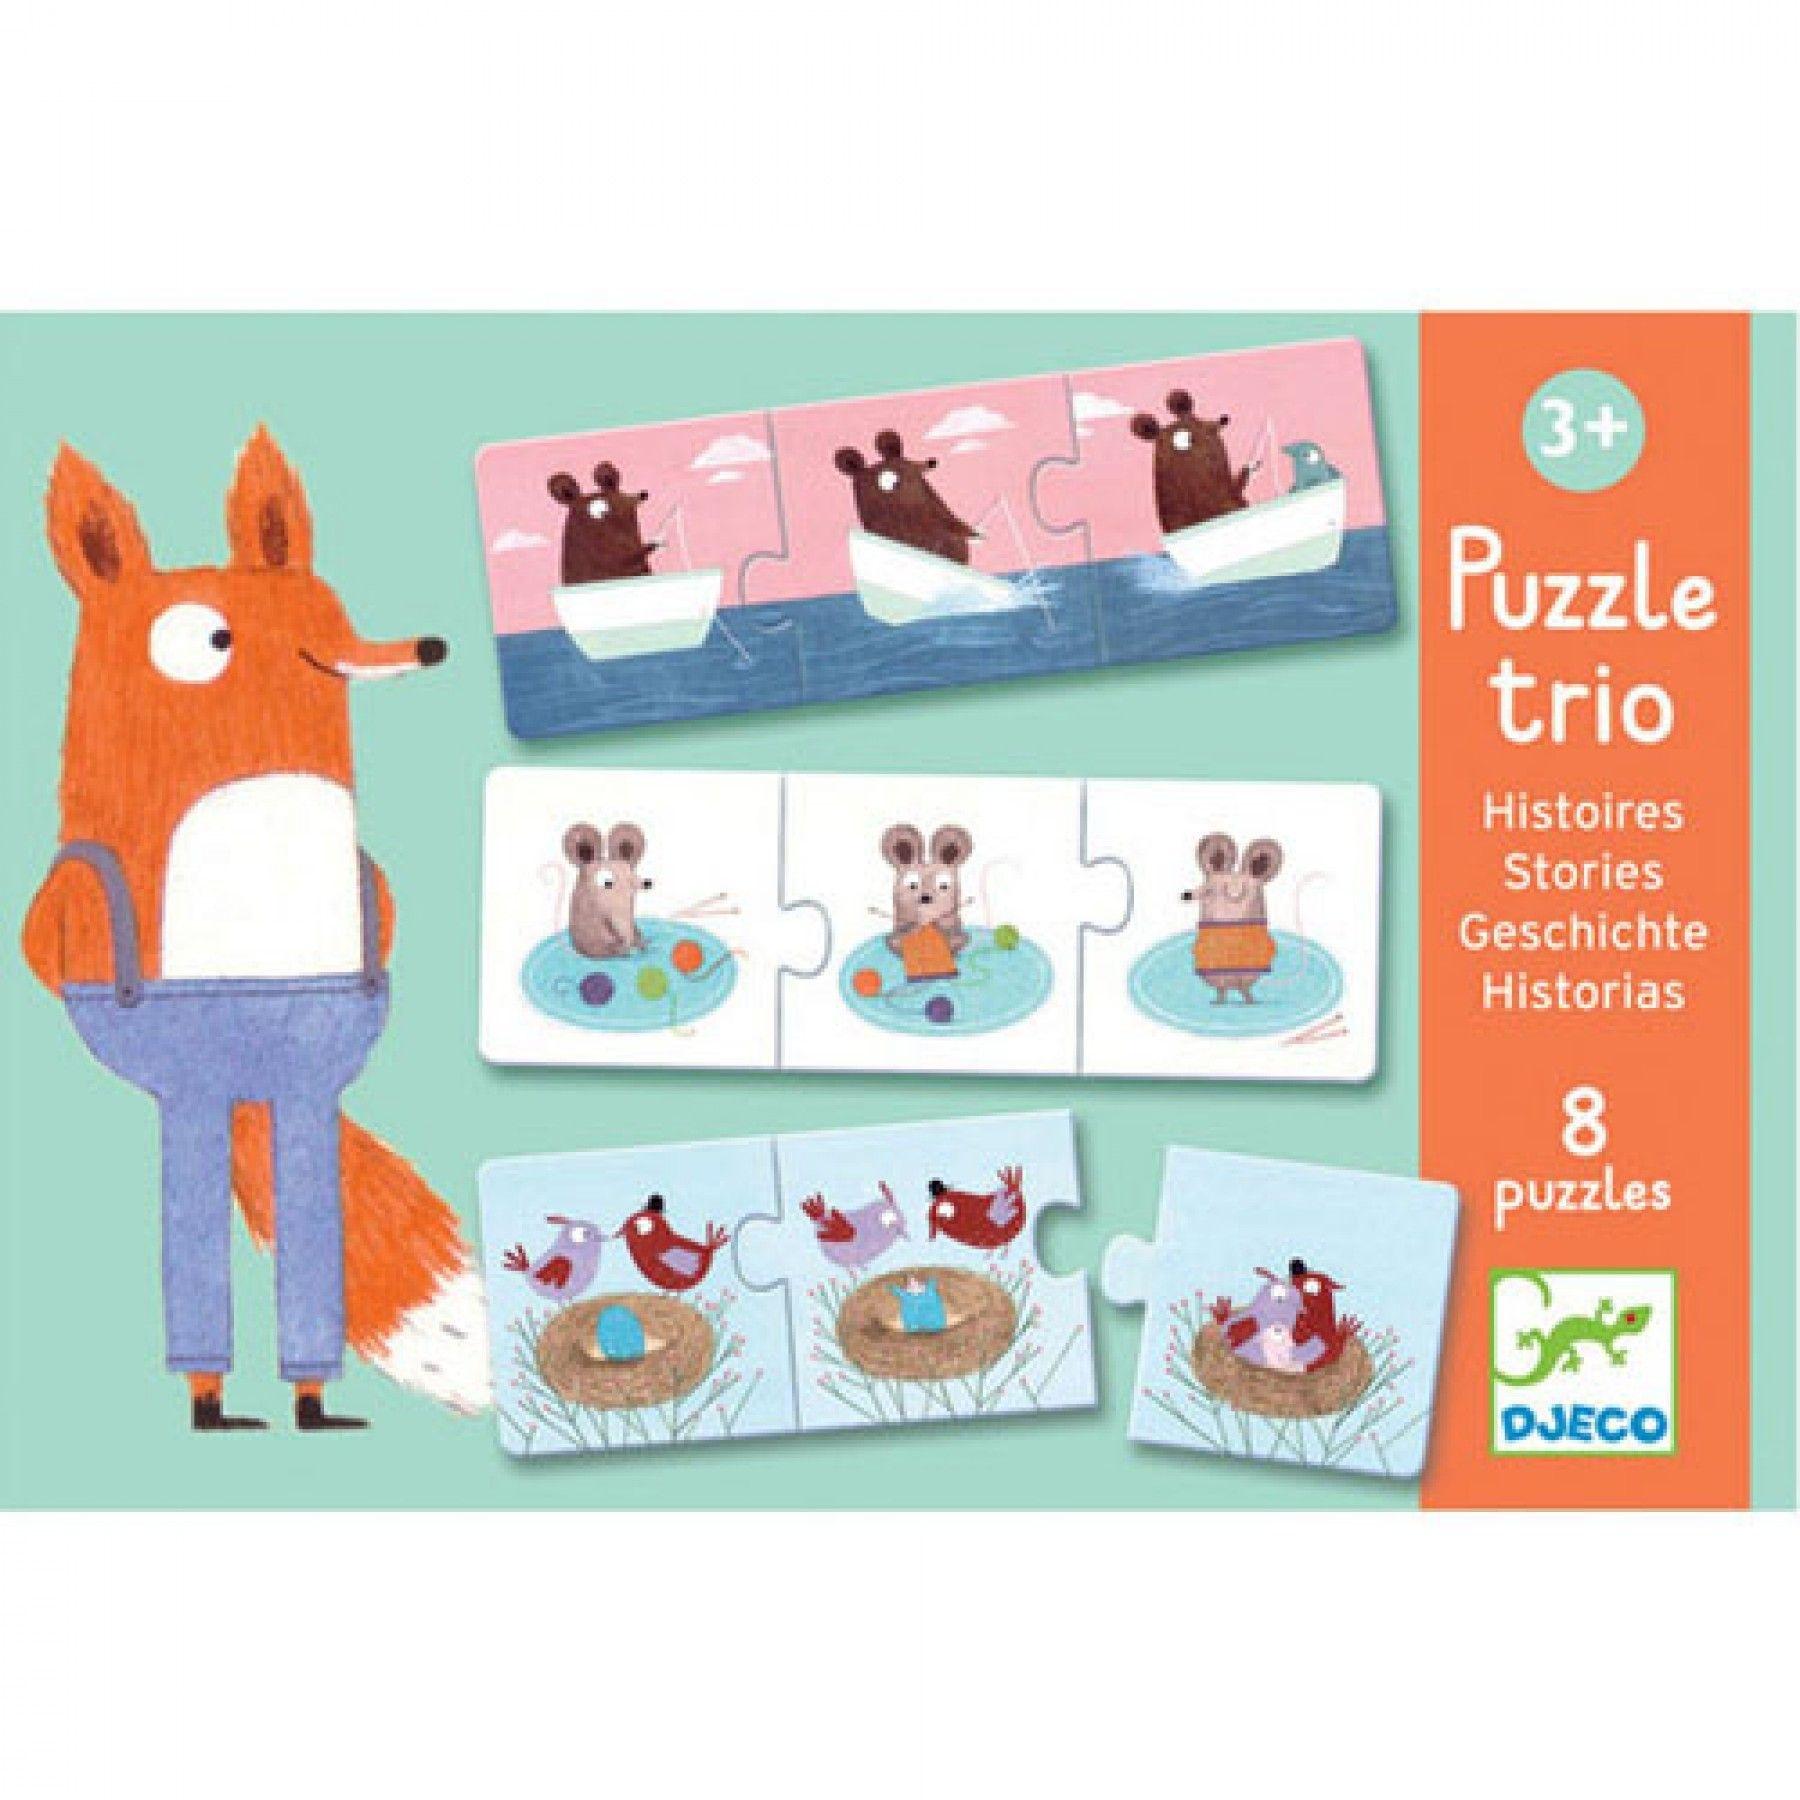 Djeco Djeco Duo puzzel - Drie kleine verhaaltjes - 8x3 stuks 3y+